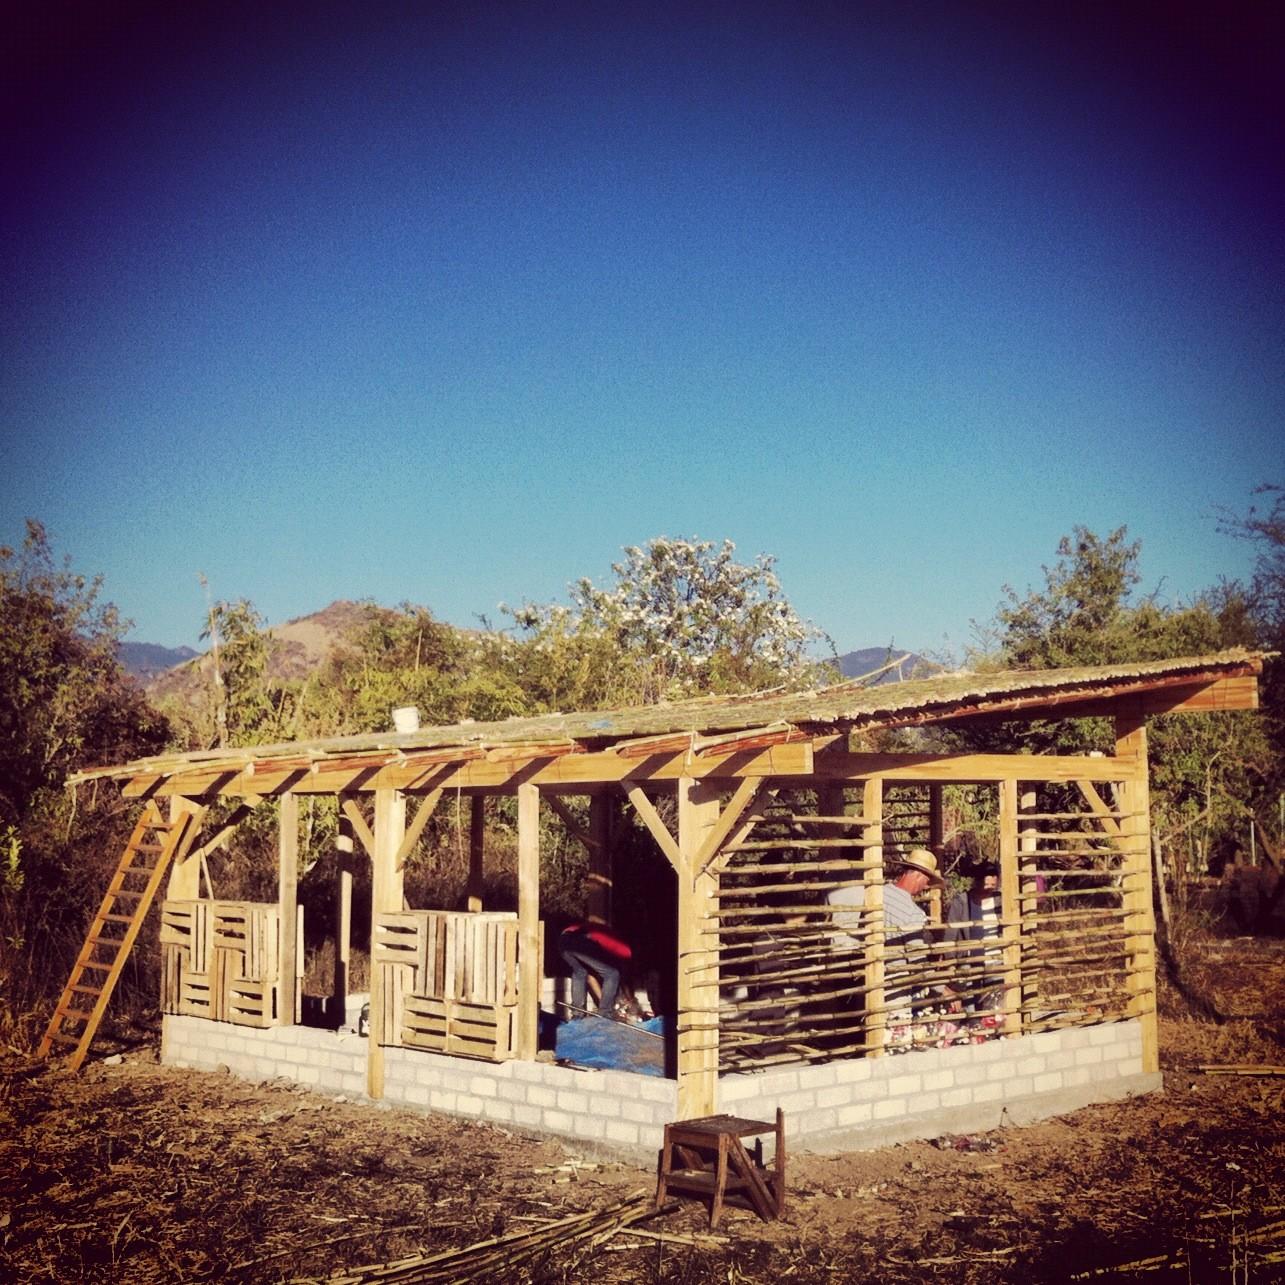 Arquitectura mexicana, social y sustentable por Laboratorio Arquitectura Básica Mx, Cortesía de LABMx